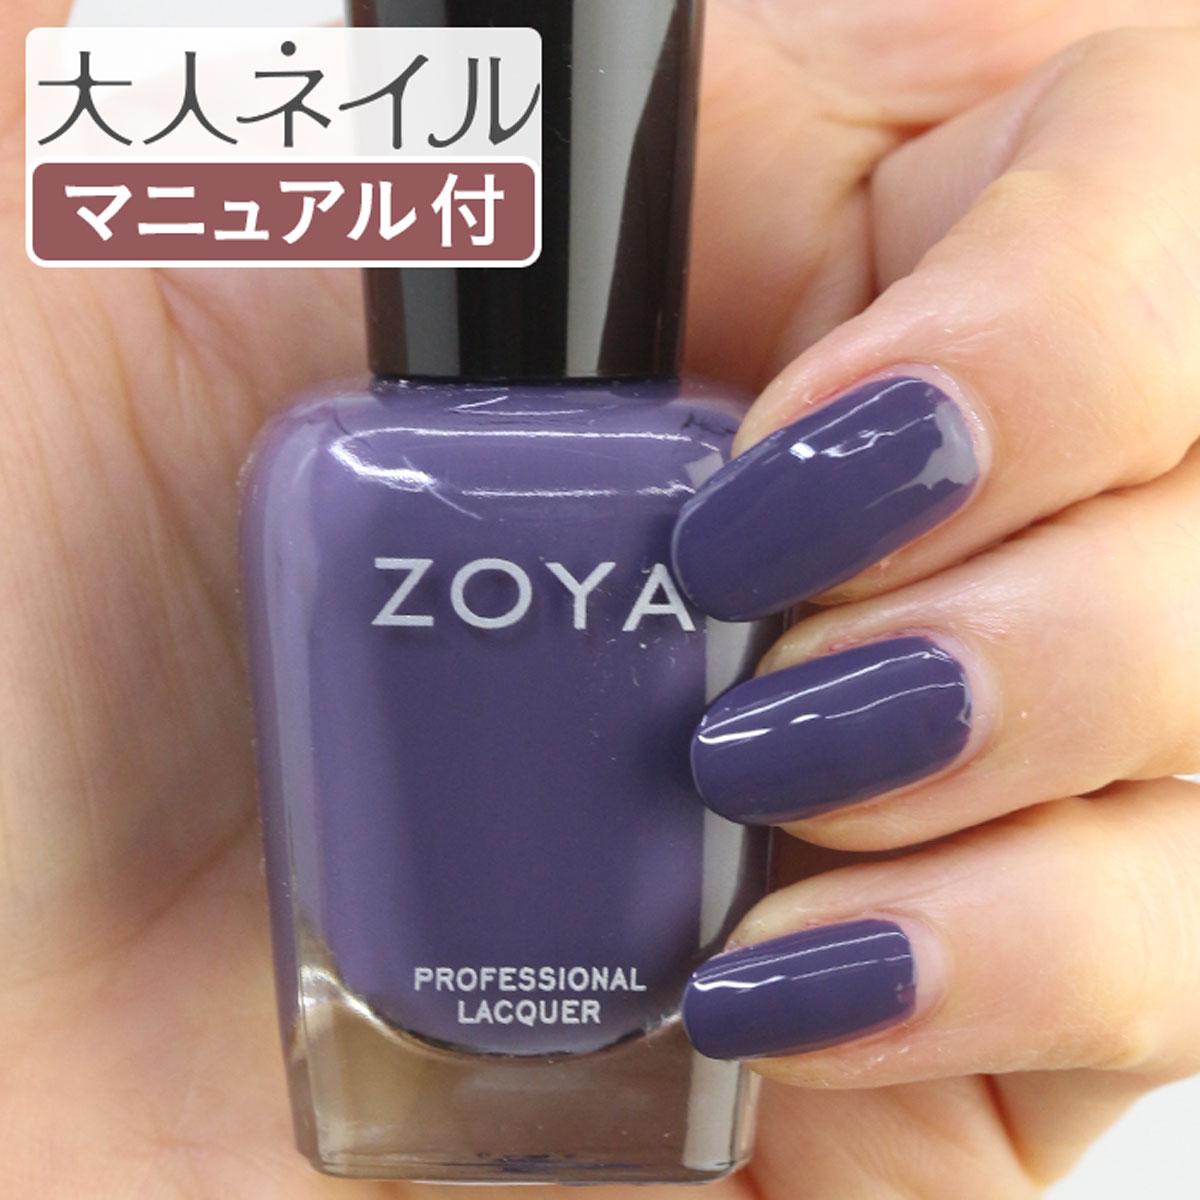 ZOYA ゾーヤ ゾヤ ネイルカラー ZP1010 VESPER 15mL 自爪 の為に作られた ネイル にやさしい 自然派 マニキュア zoya セルフネイル にもおすすめ バイオレット パープル 紫 冬ネイル 冬カラー